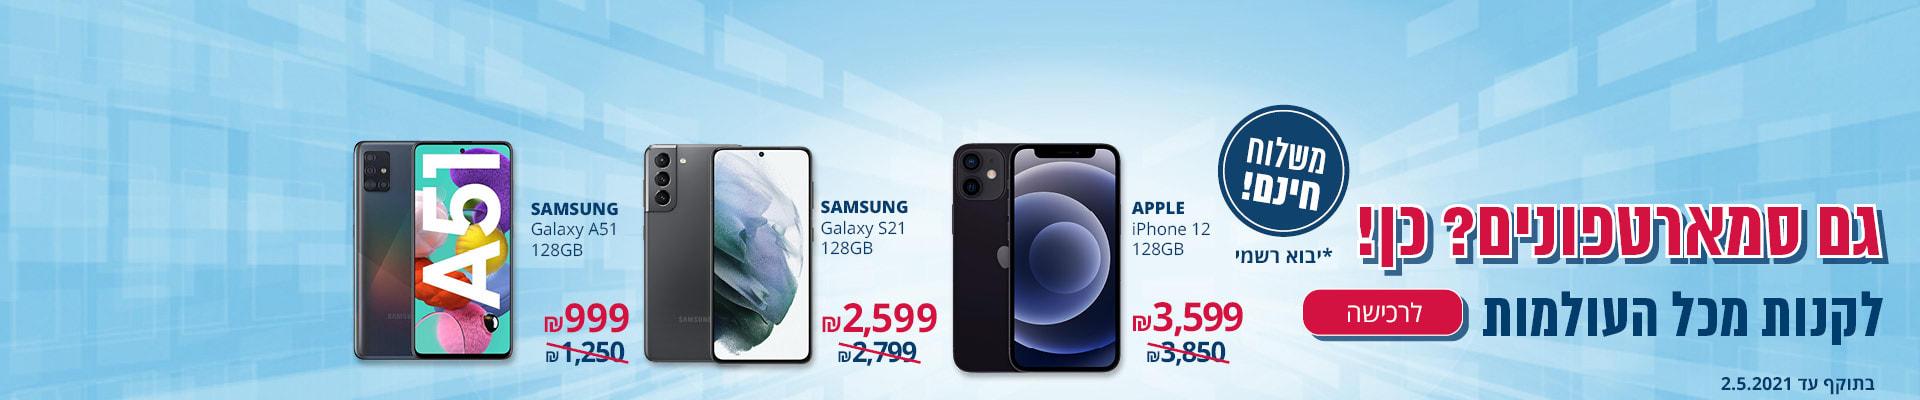 גם סמארטפונים? כן! לקנות מכל העולמות APPLE IPHONE 12 128 GB3599₪ SAMSUNG GALAXY S21 128 GB2599₪ SAMSUNG GALAXY A51128 GB999 ₪ משלוח חינם * יבוא רישמי בתוקף עד 2.5.2021